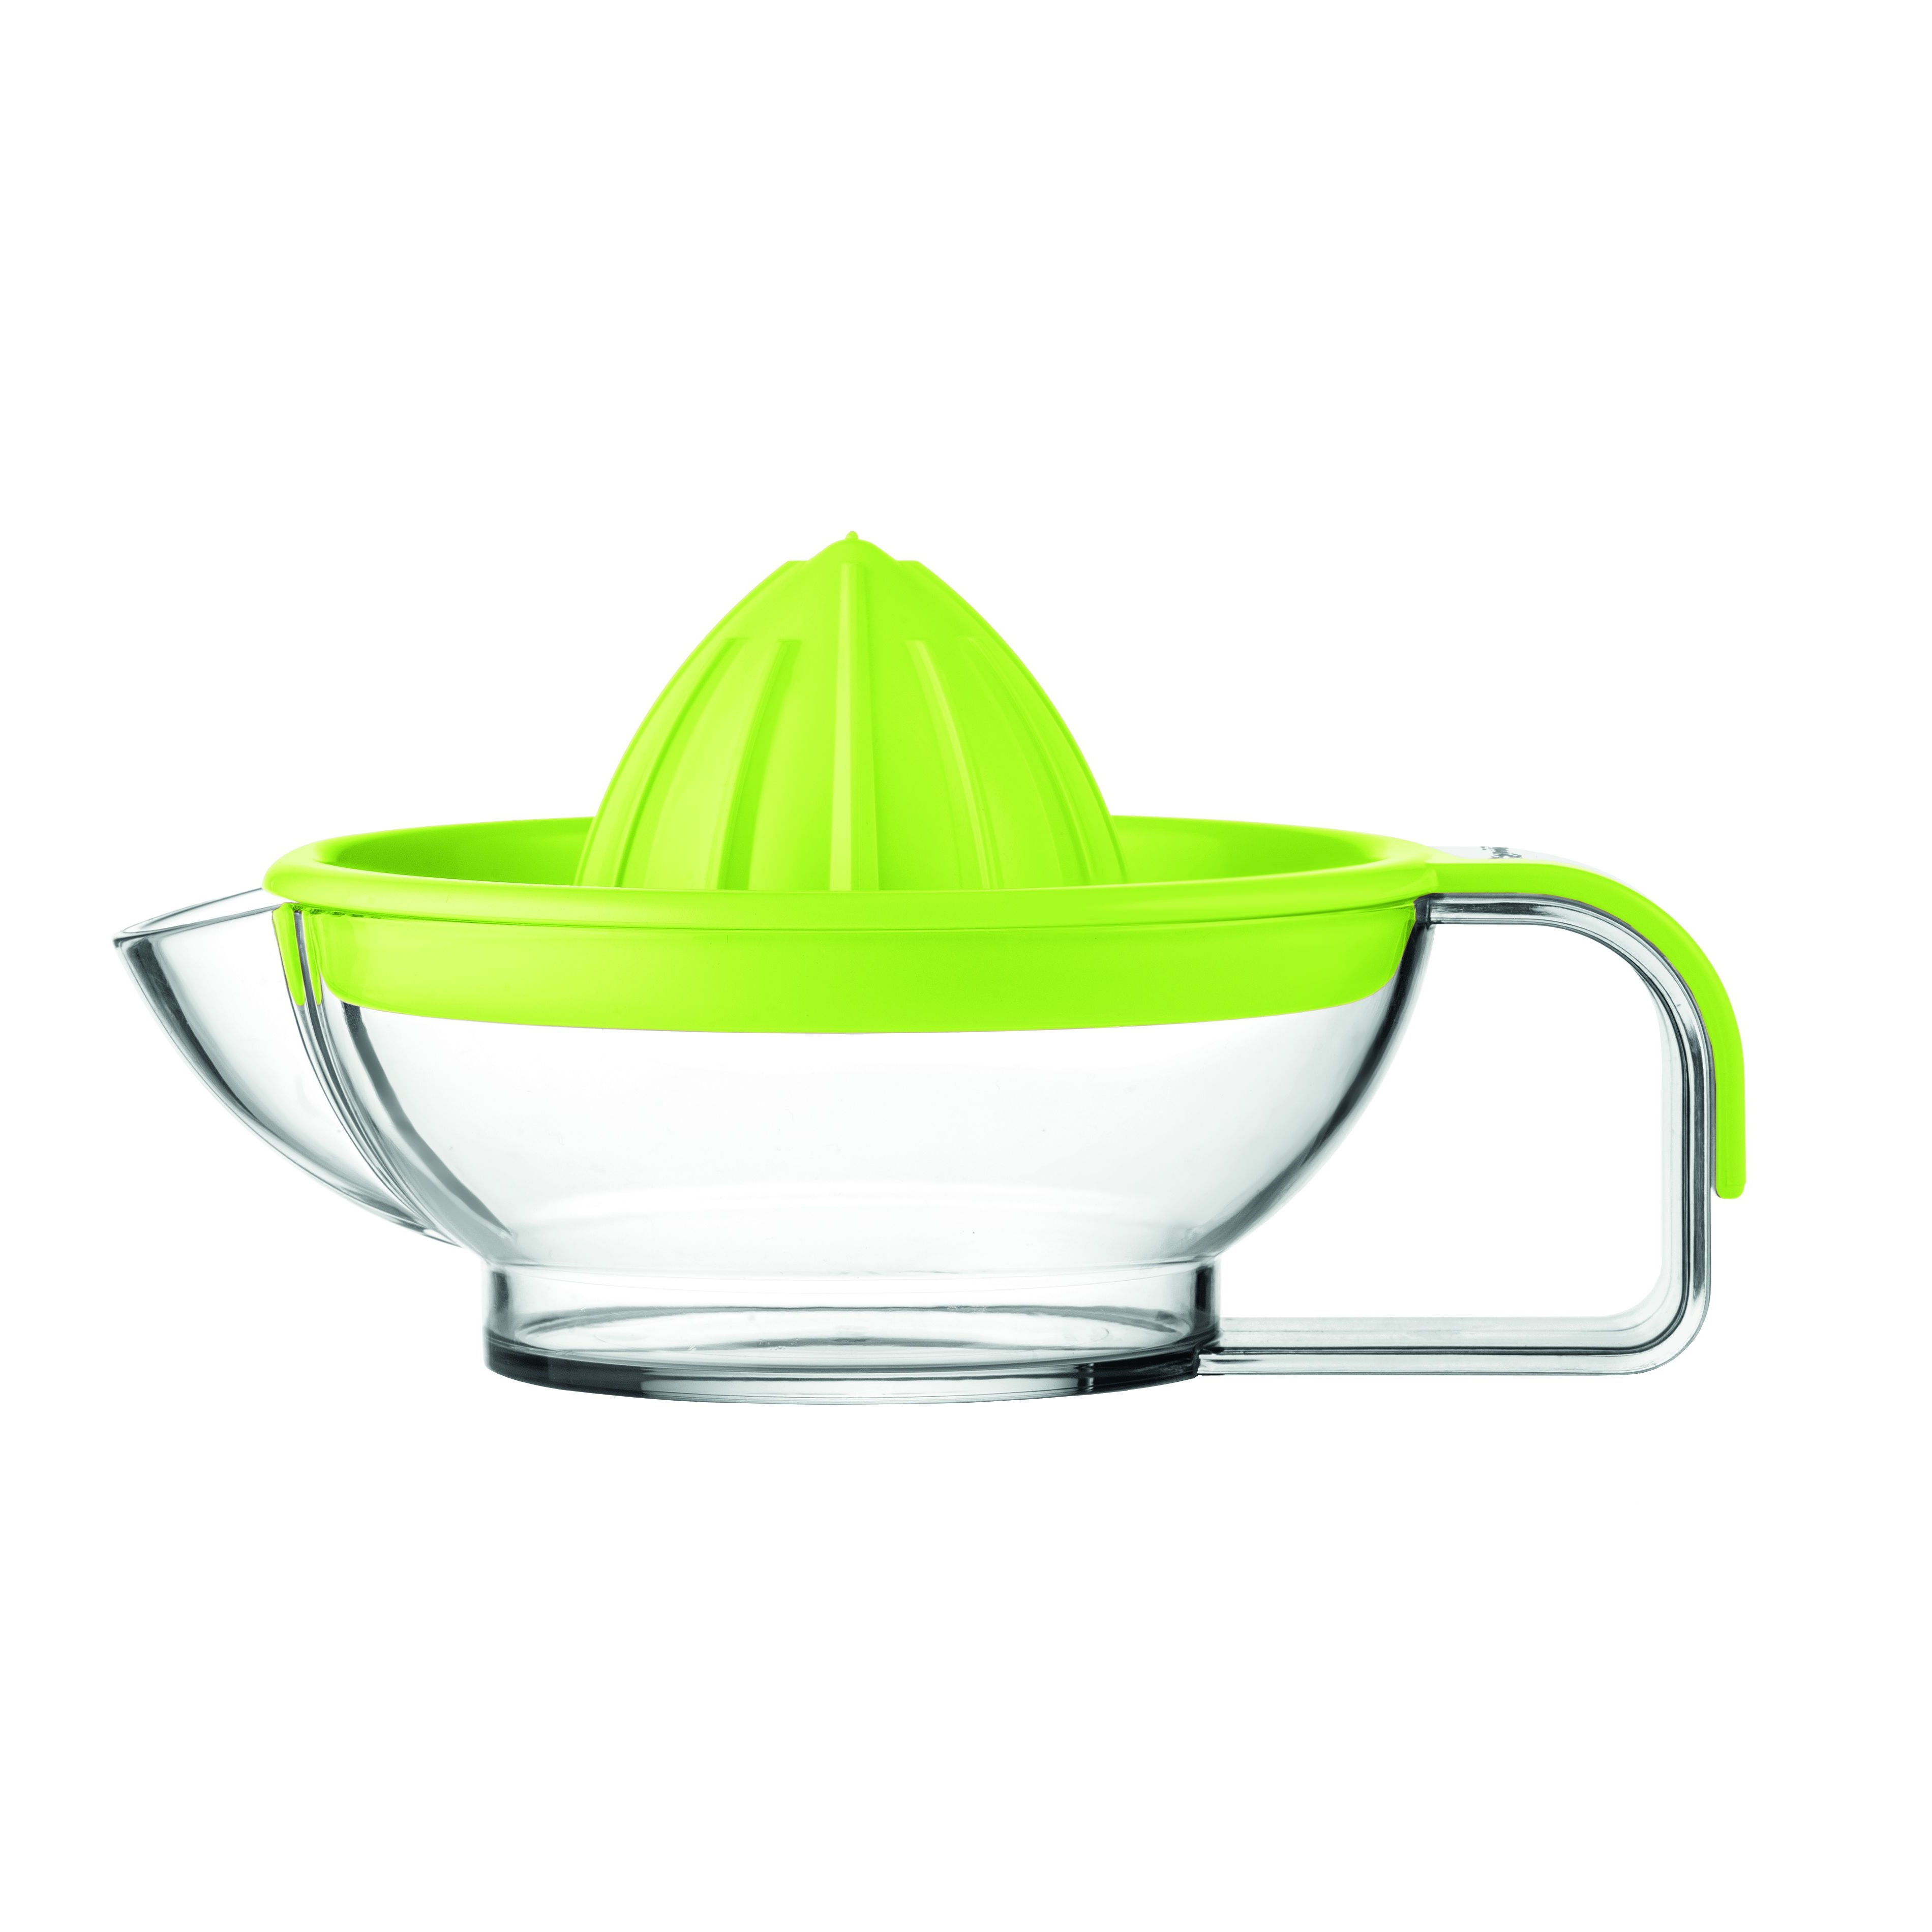 Соковыжималка для цитрусовых MY KITCHEN (зеленая)Соковыжималка для цитрусовых MY KITCHEN проста и удобна в эксплуатации. Модель предназначена для ежедневного приготовления свежего и ароматного сока из апельсинов или грейпфрутов, а также подойдет для создания лимонного или лаймового сока, который идеален для десертов и многих других блюд. Для приготовления достаточно просто прижать половинку фрукта к выступающей части крышки и провернуть в обе стороны до получения сока. Напиток будет отфильтрован при помощи решетки в крышке, и вы получите чистый цитрусовый сок, полный витаминов, без мякоти и косточек.<br>